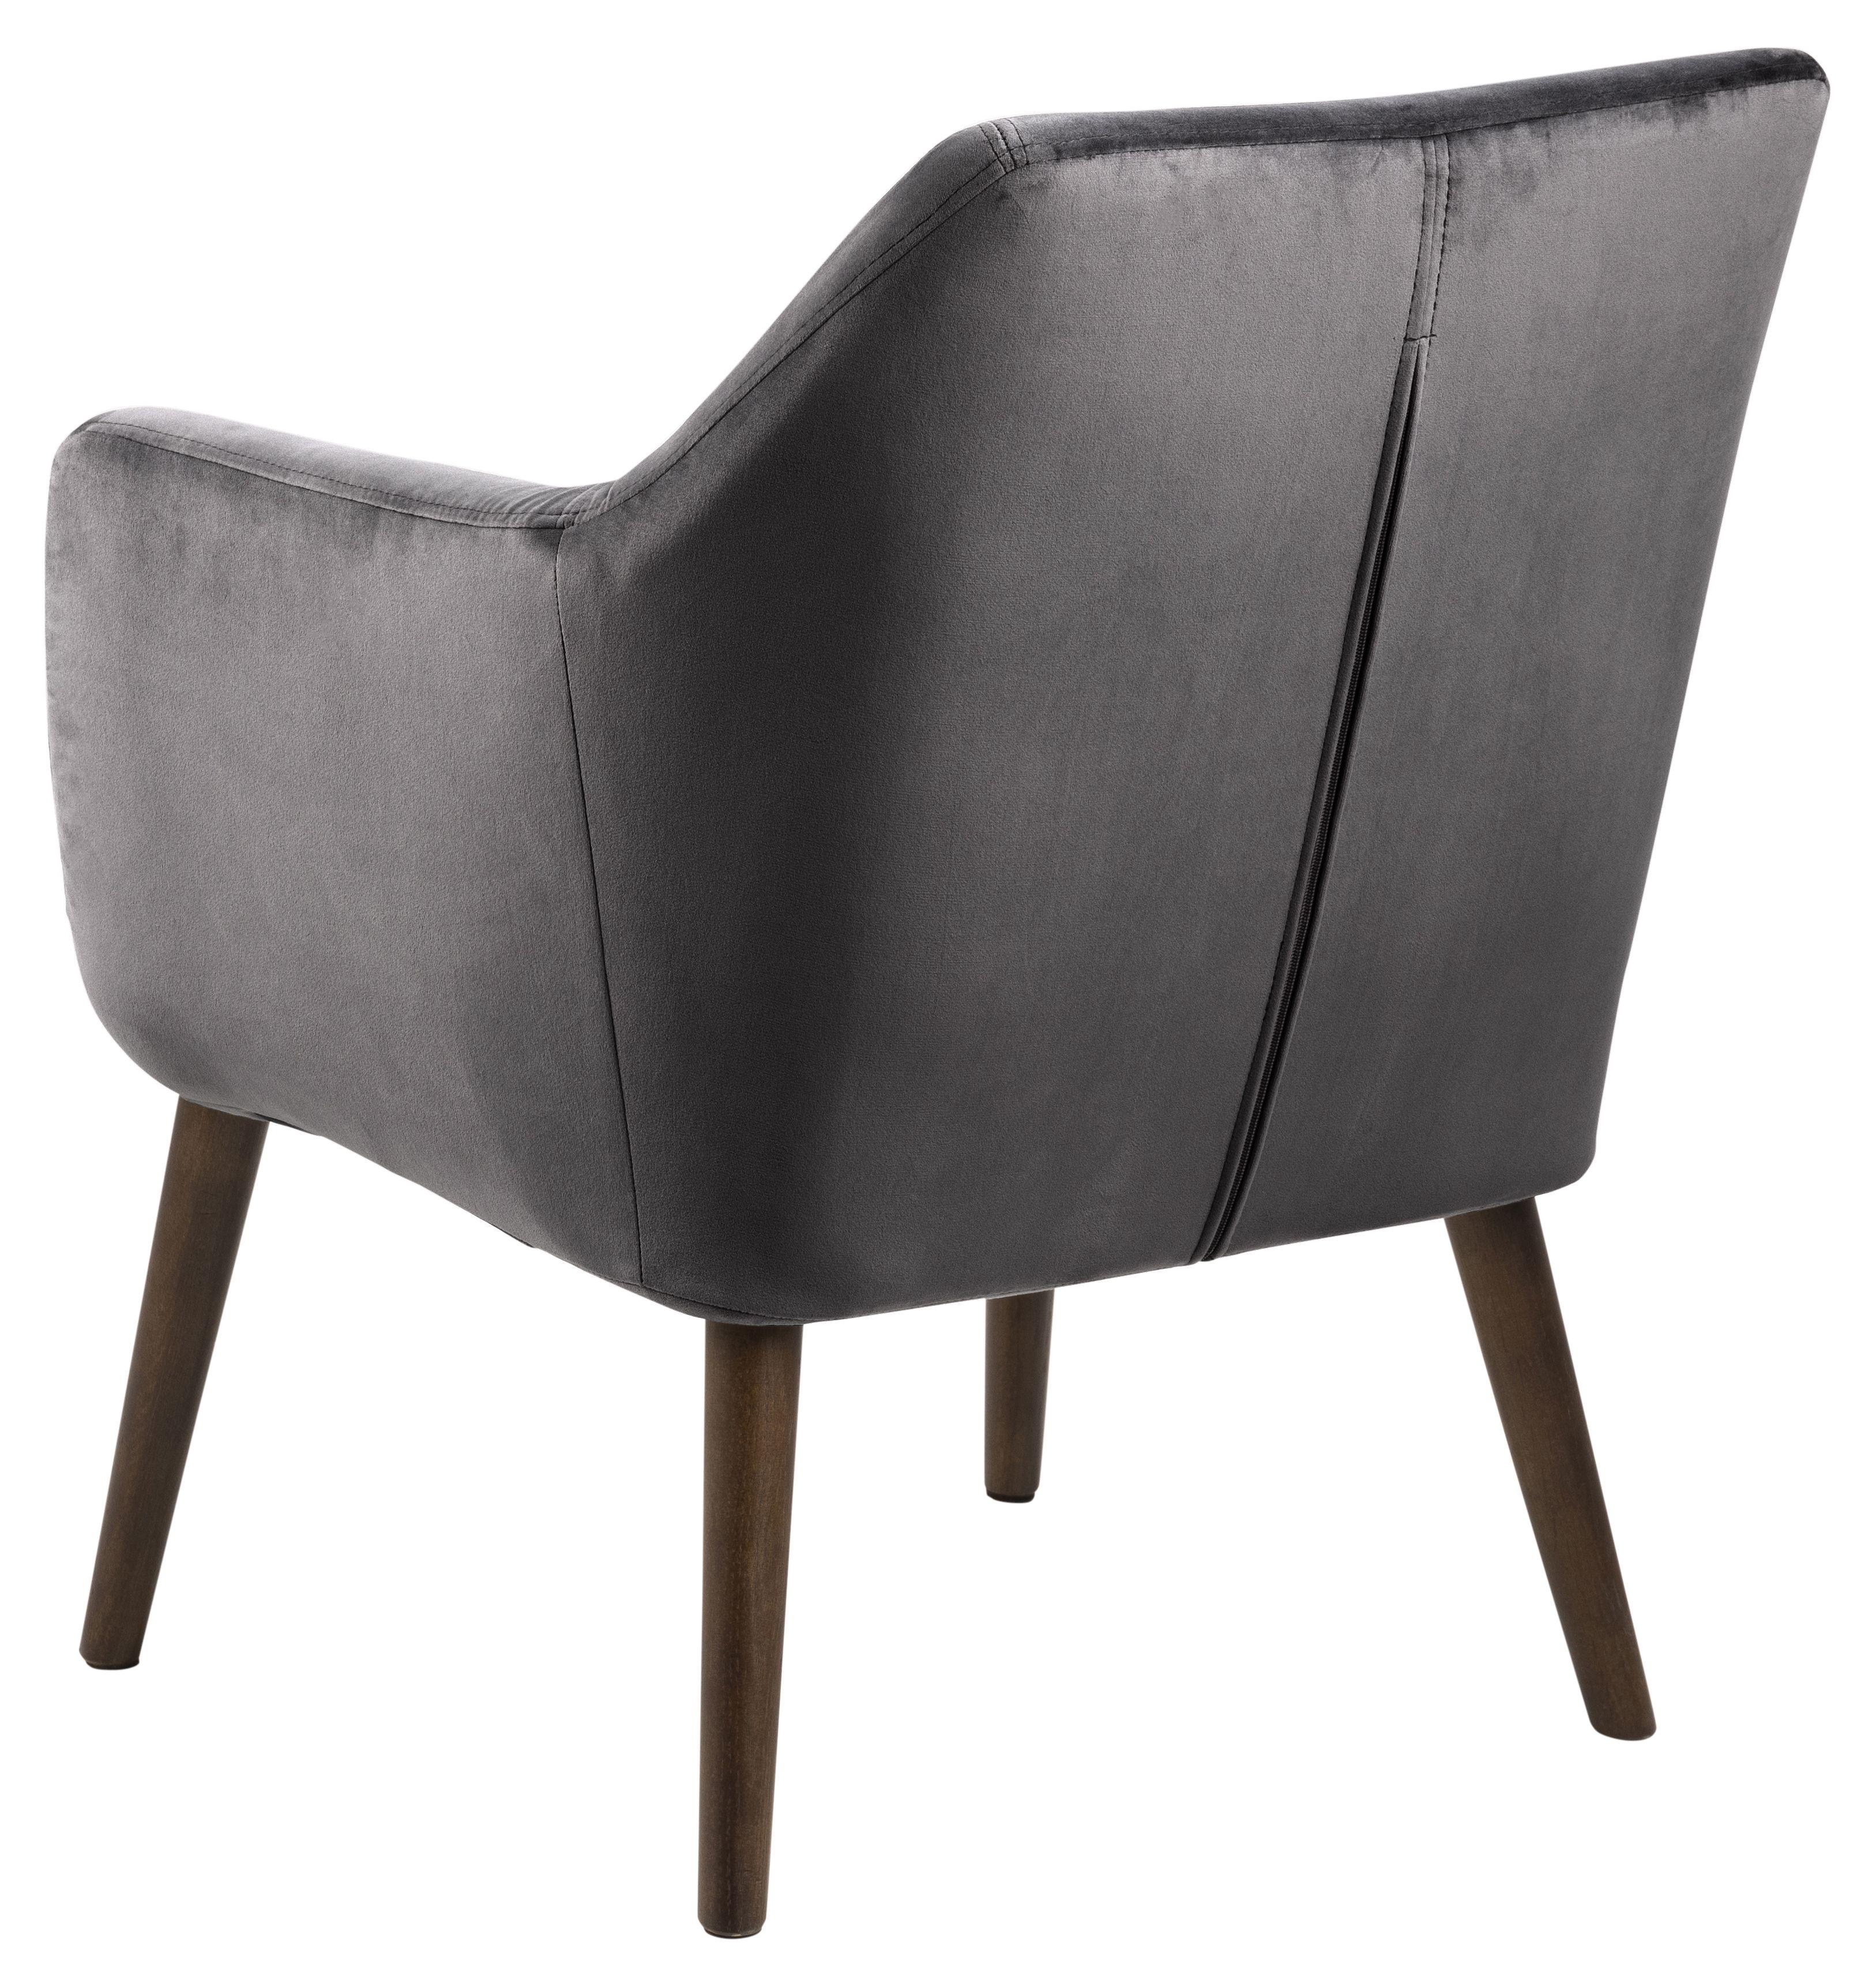 nora-fauteuil-houten-poten-grijs-velours-stof-4